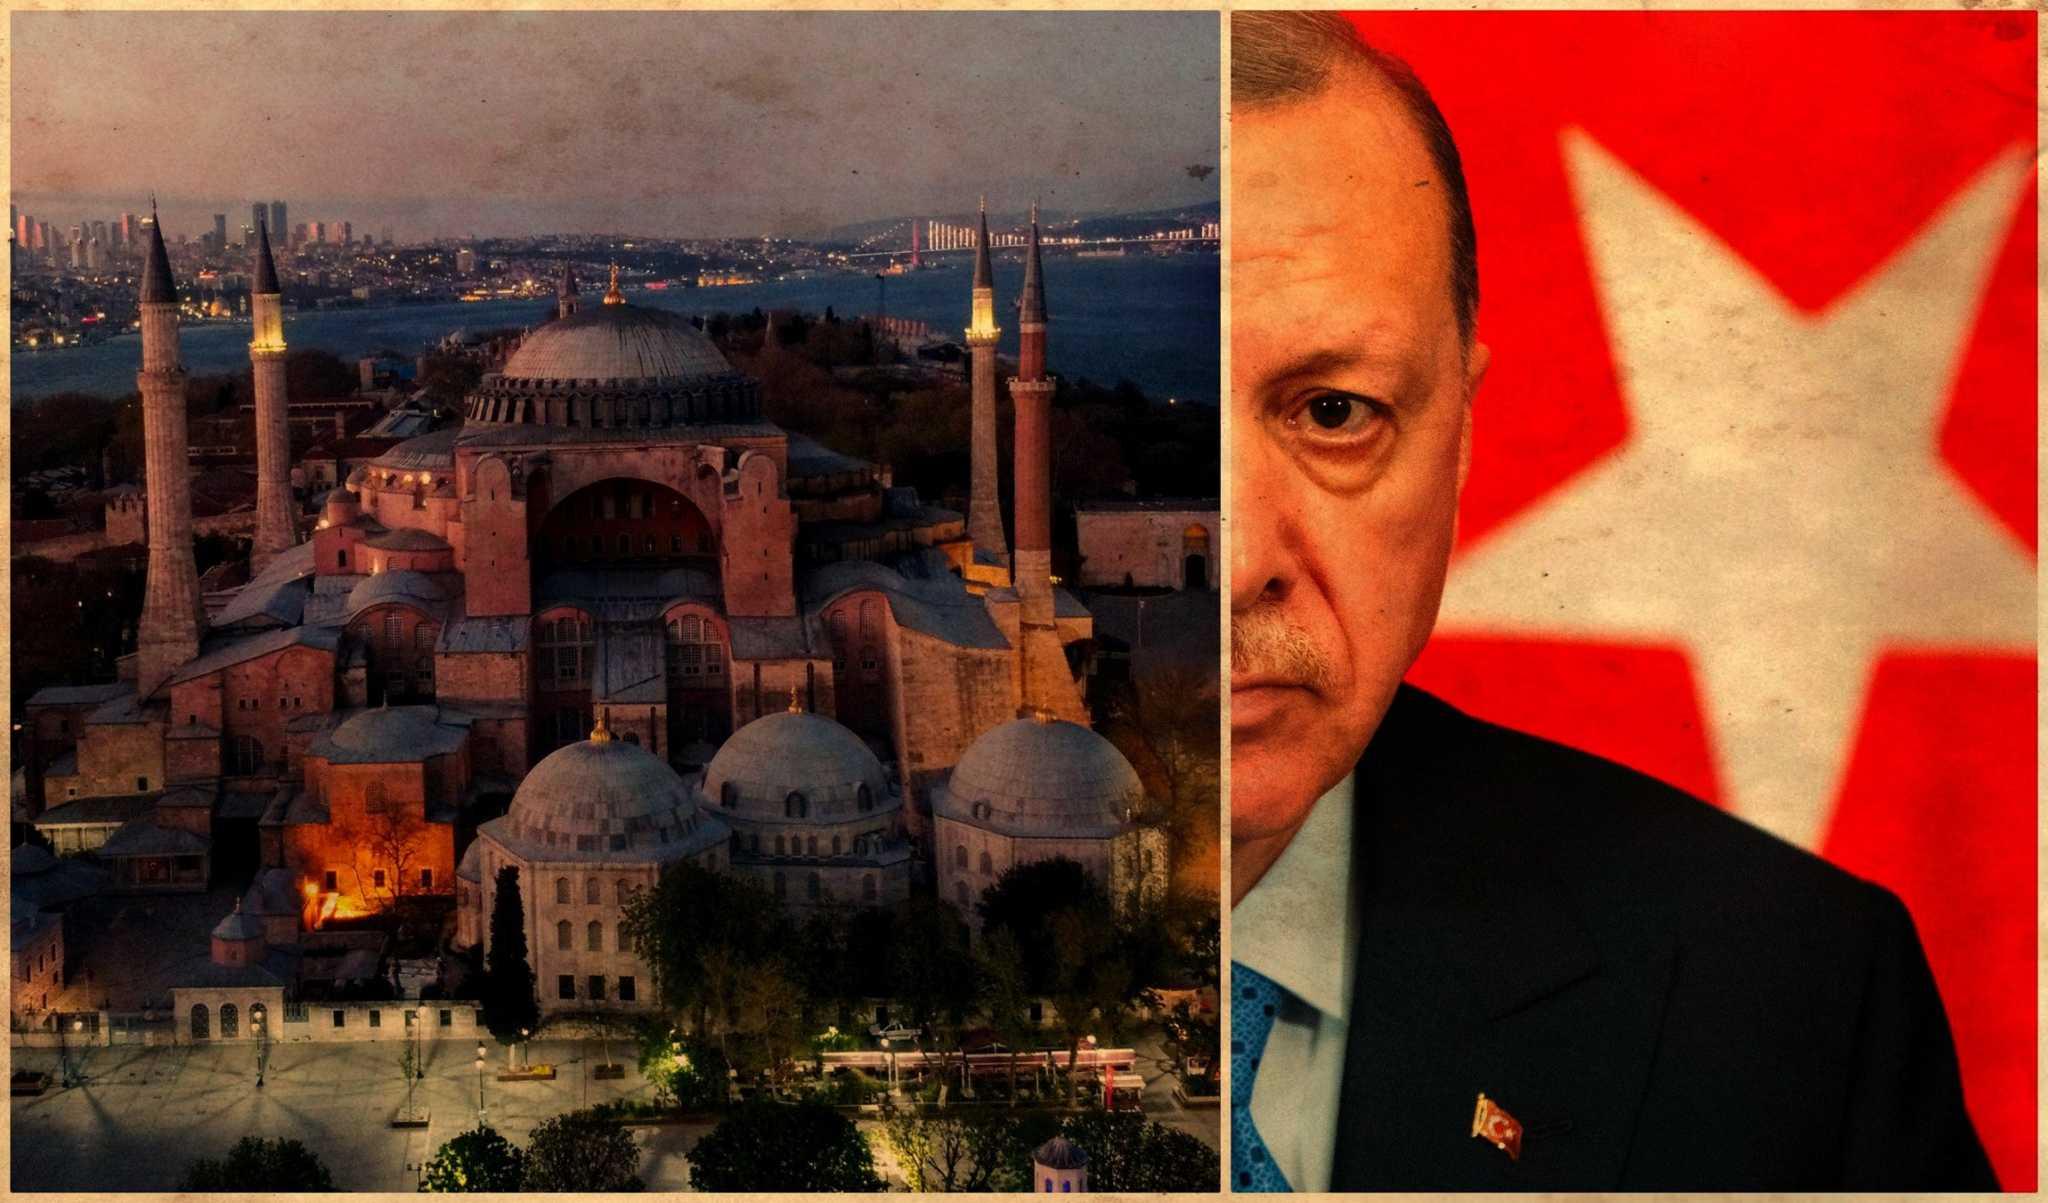 erdogan_agia_sofia_r_collage_2805_1-2048x1203